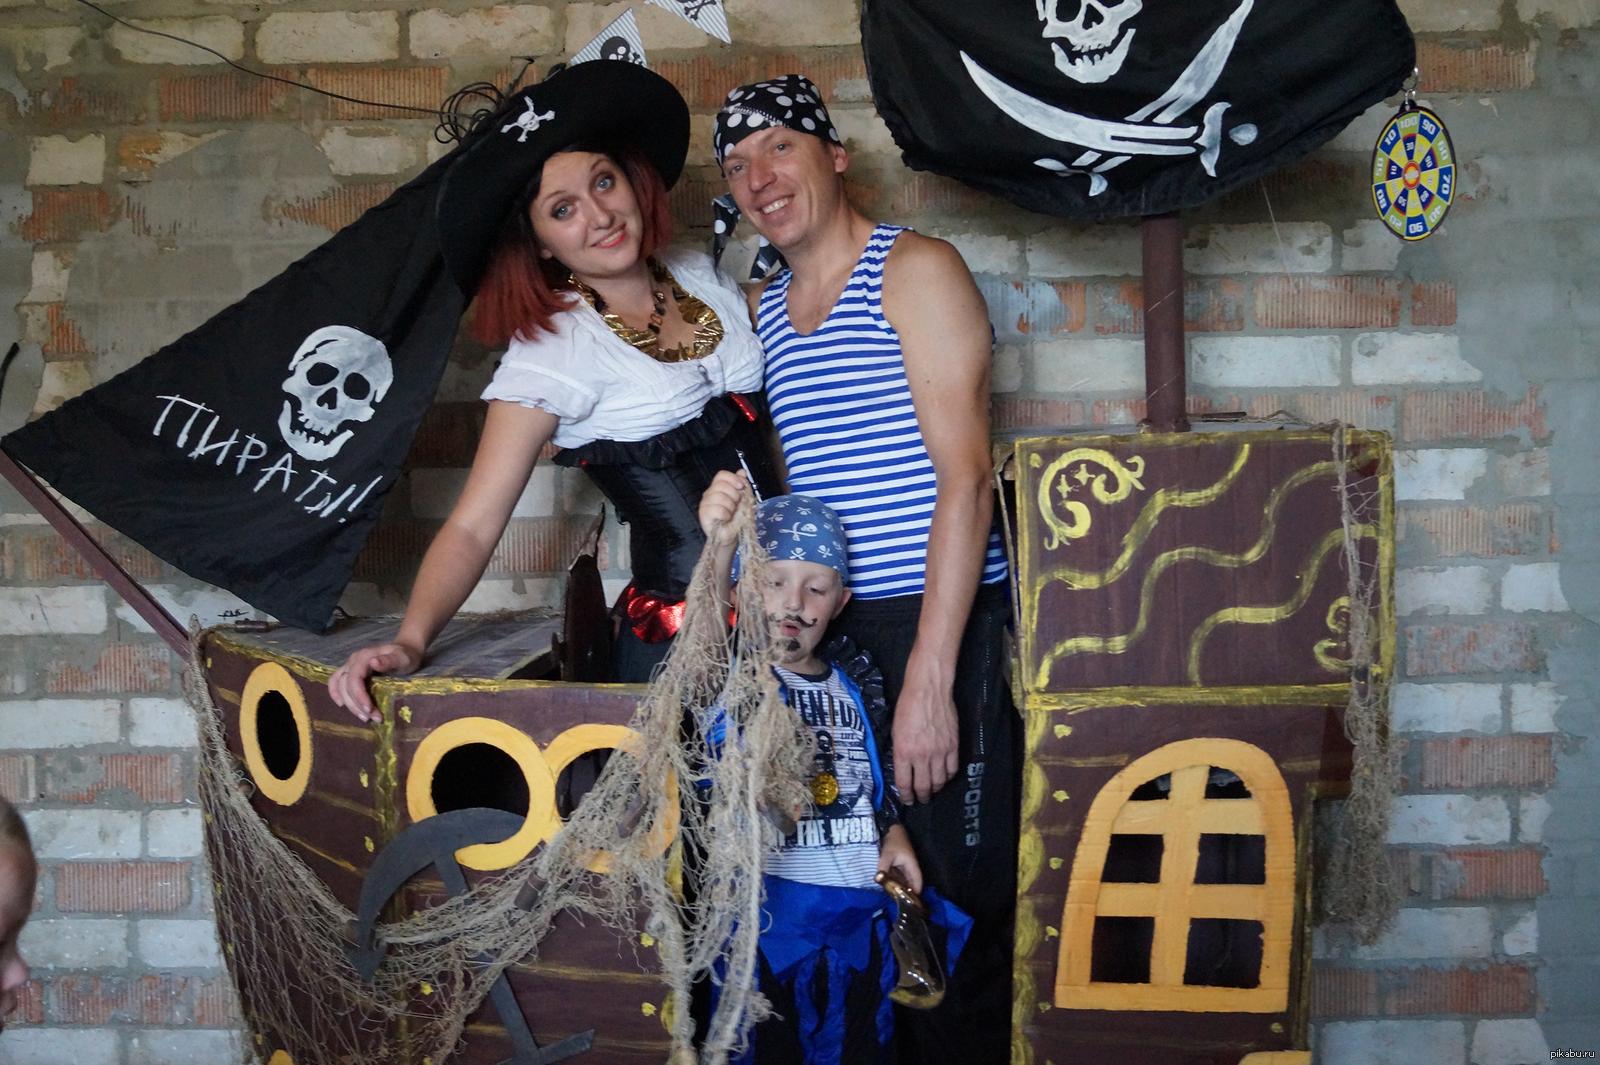 украсить пиратскую вечеринку своими руками фото